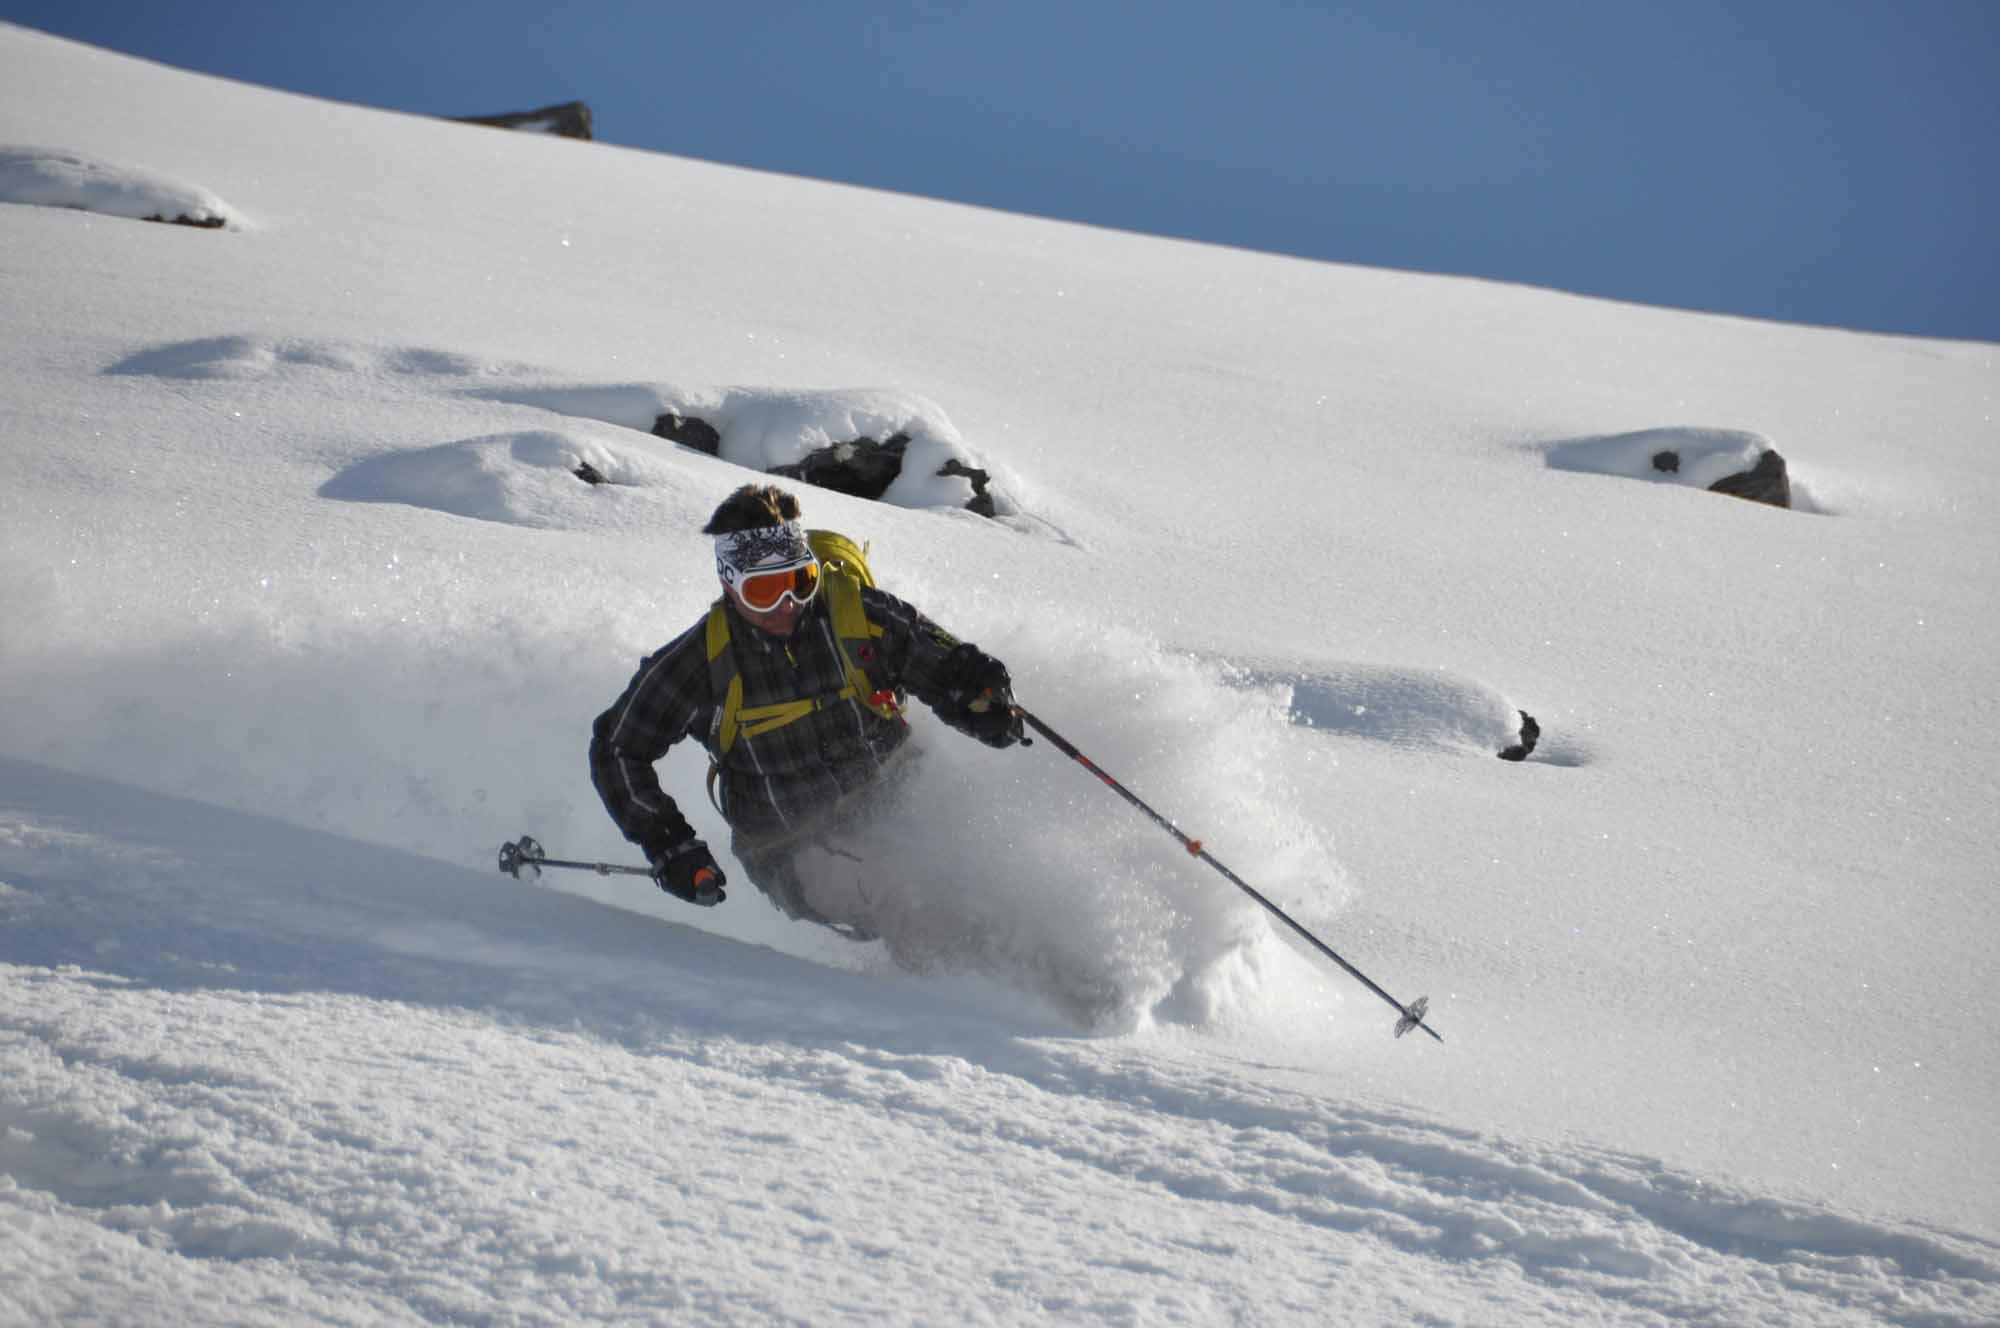 Ski-Alaska-Ski-Trip-6.jpg